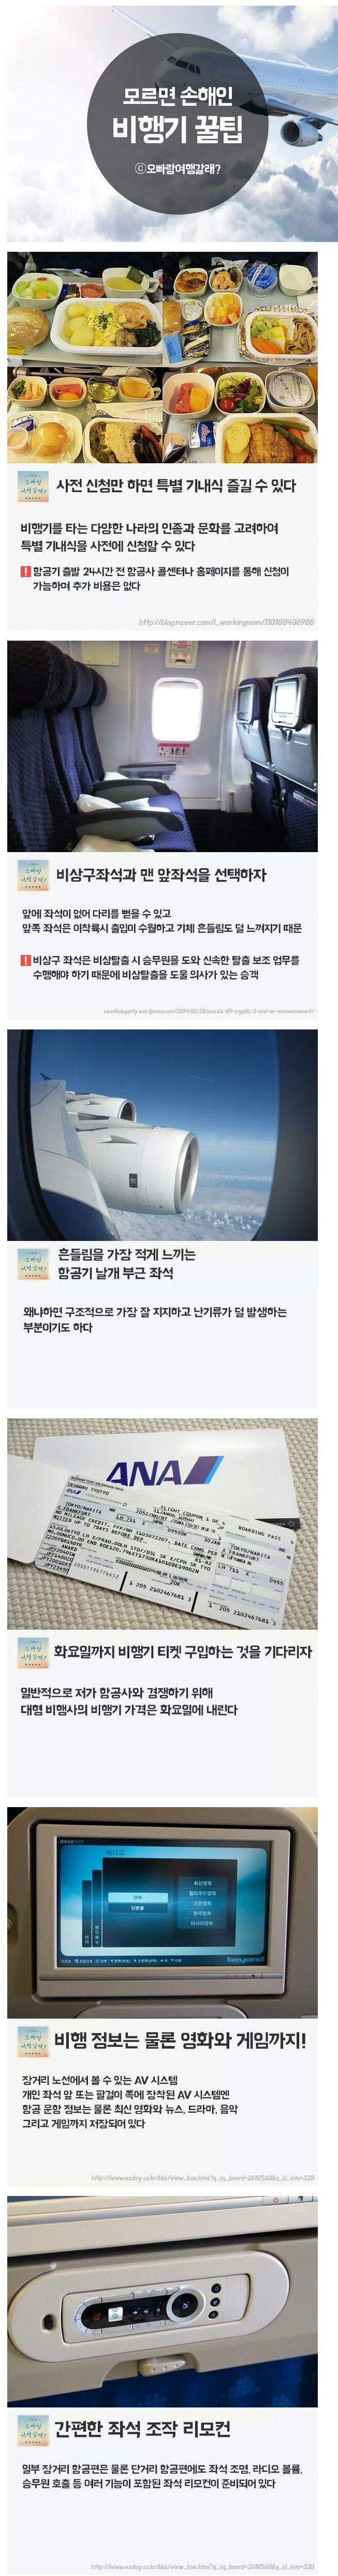 이슈인 - 비행기 꿀팁